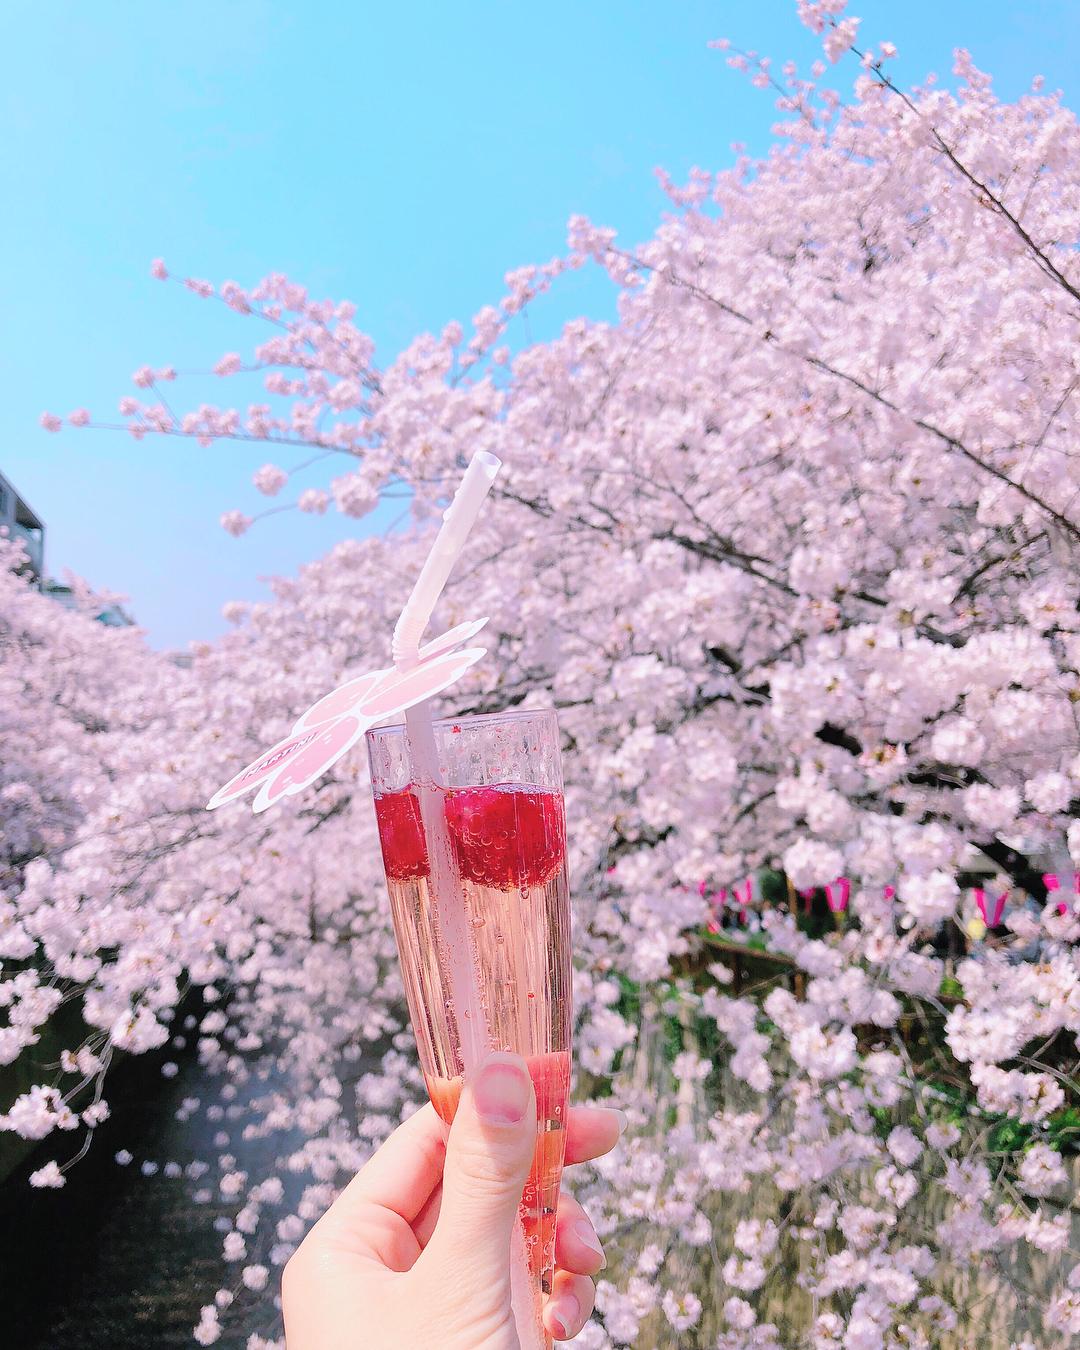 【関東】2018年東京のお花見スポットおすすめ6選!!